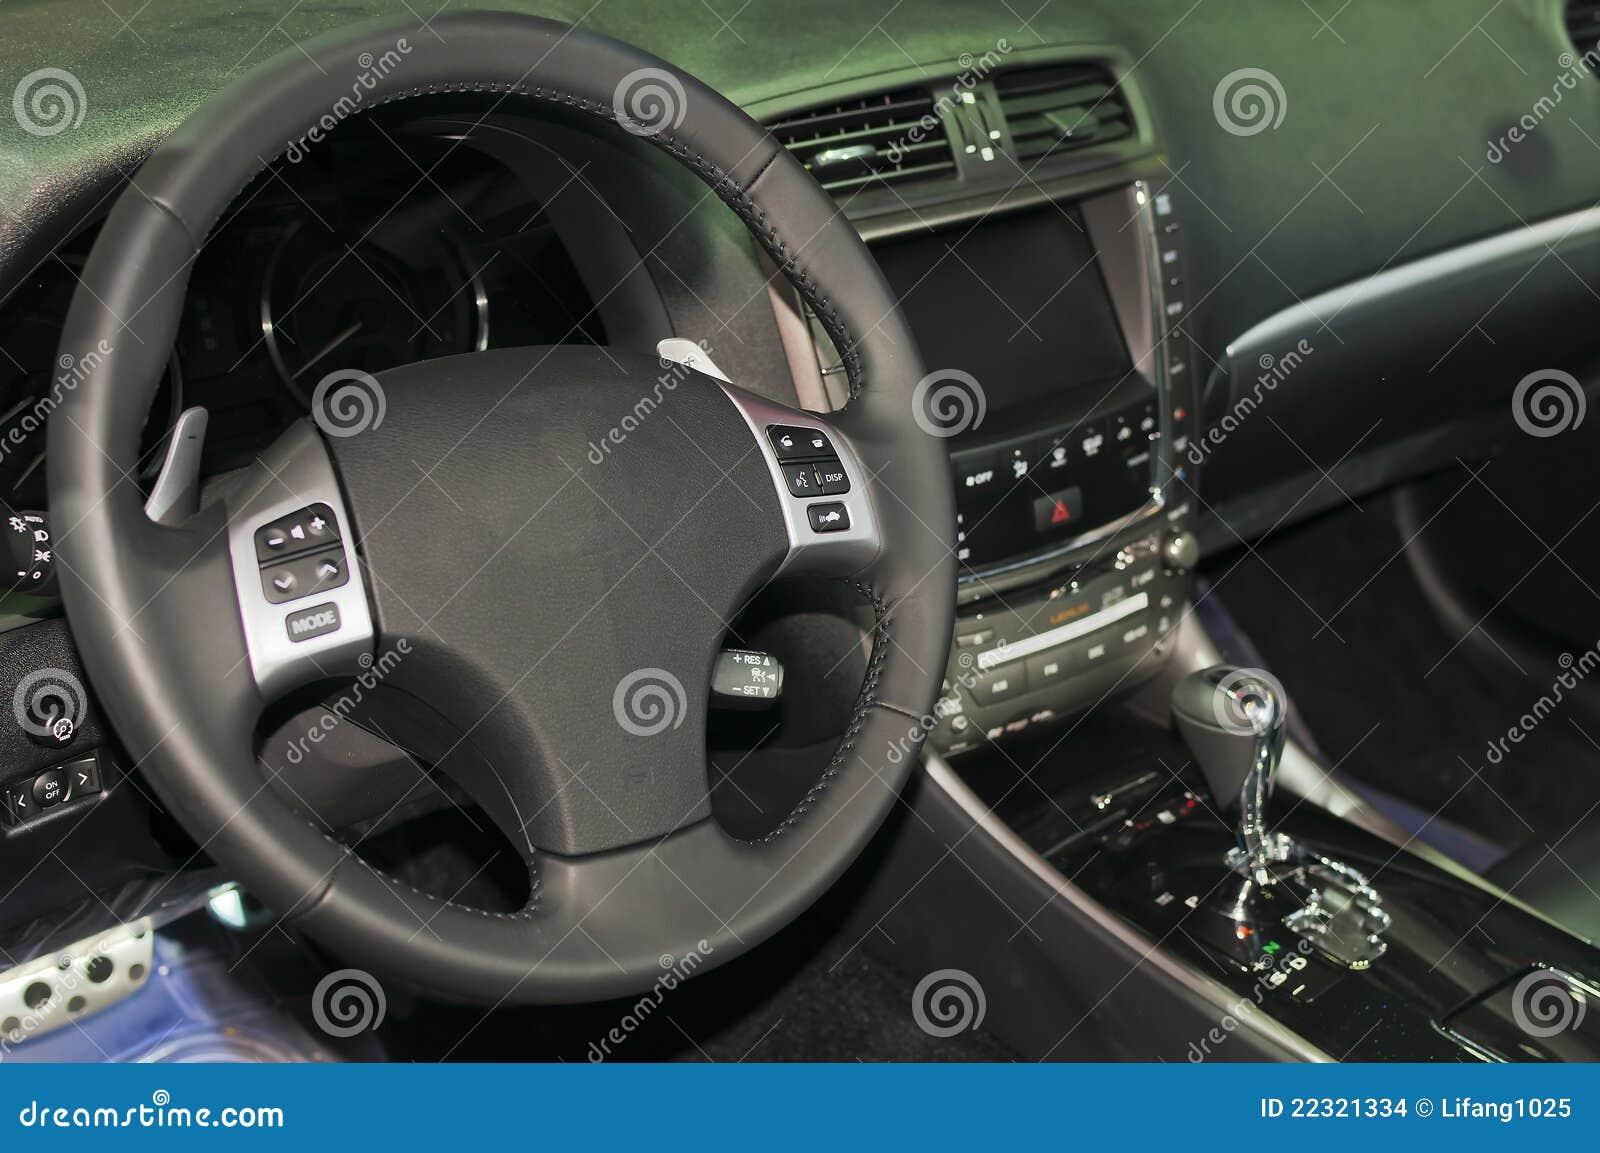 car interior stock images image 22321334. Black Bedroom Furniture Sets. Home Design Ideas